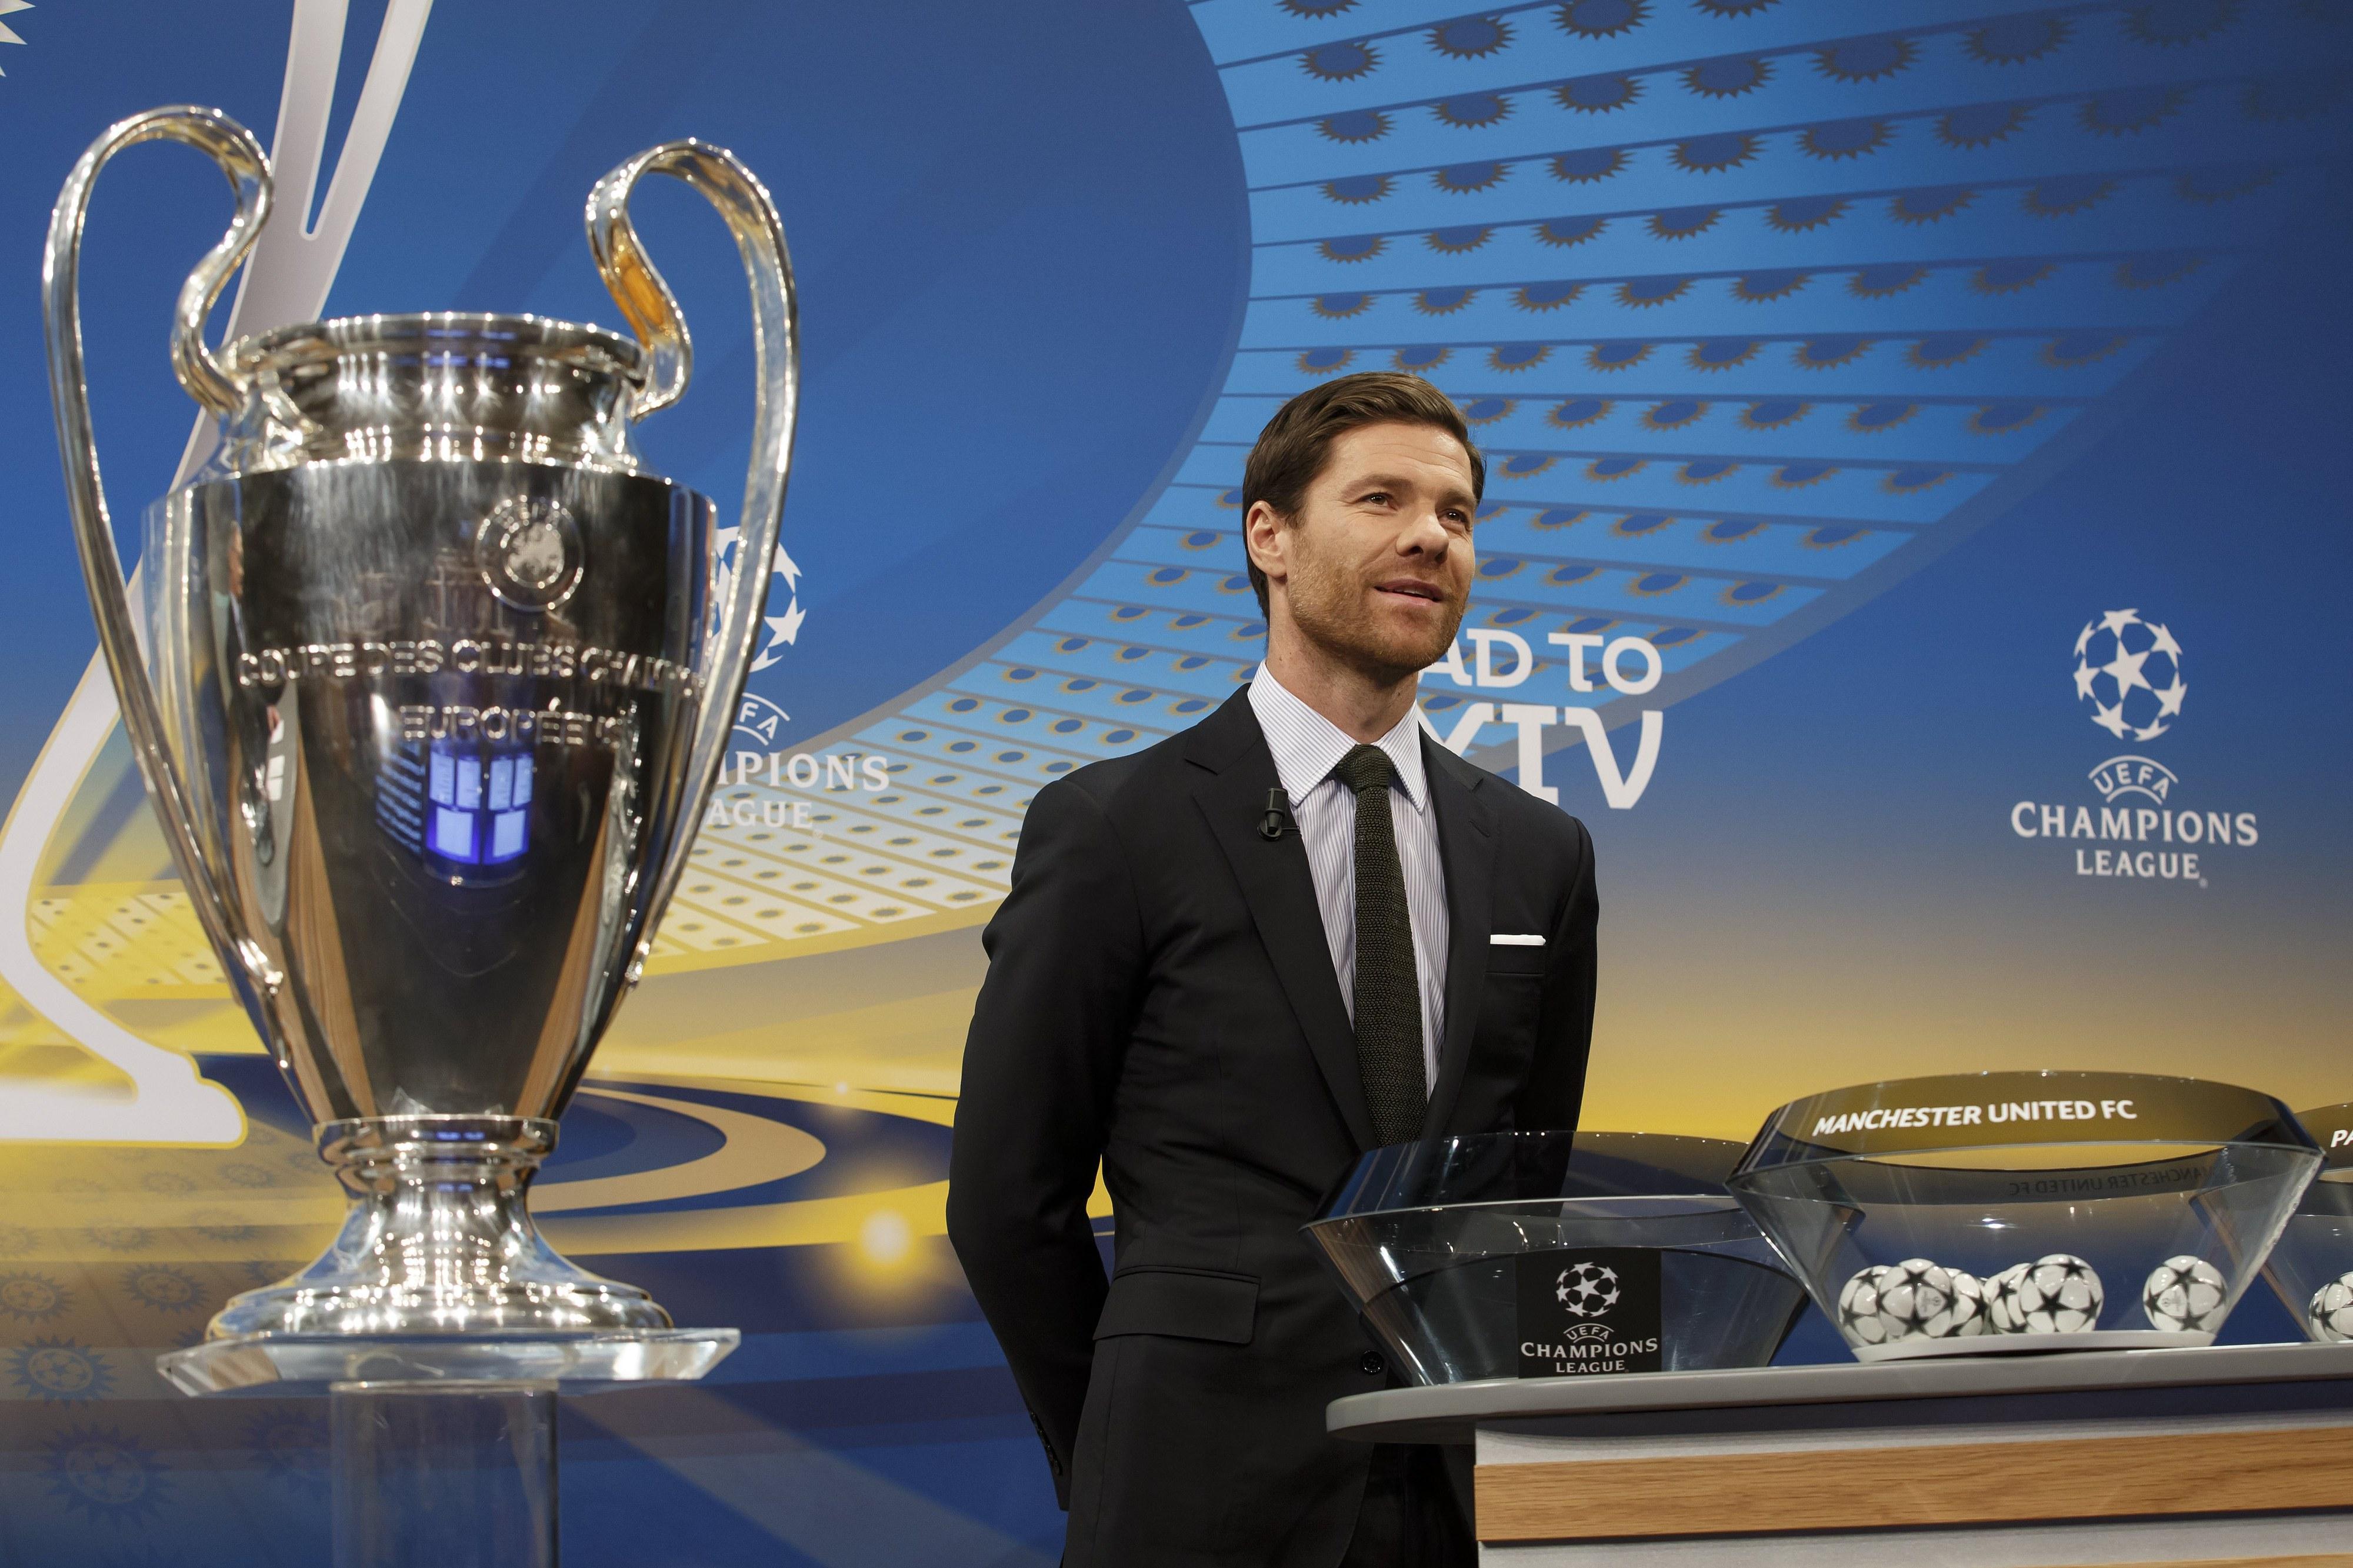 Fisco espanhol pede cinco anos de prisão para Xabi Alonso